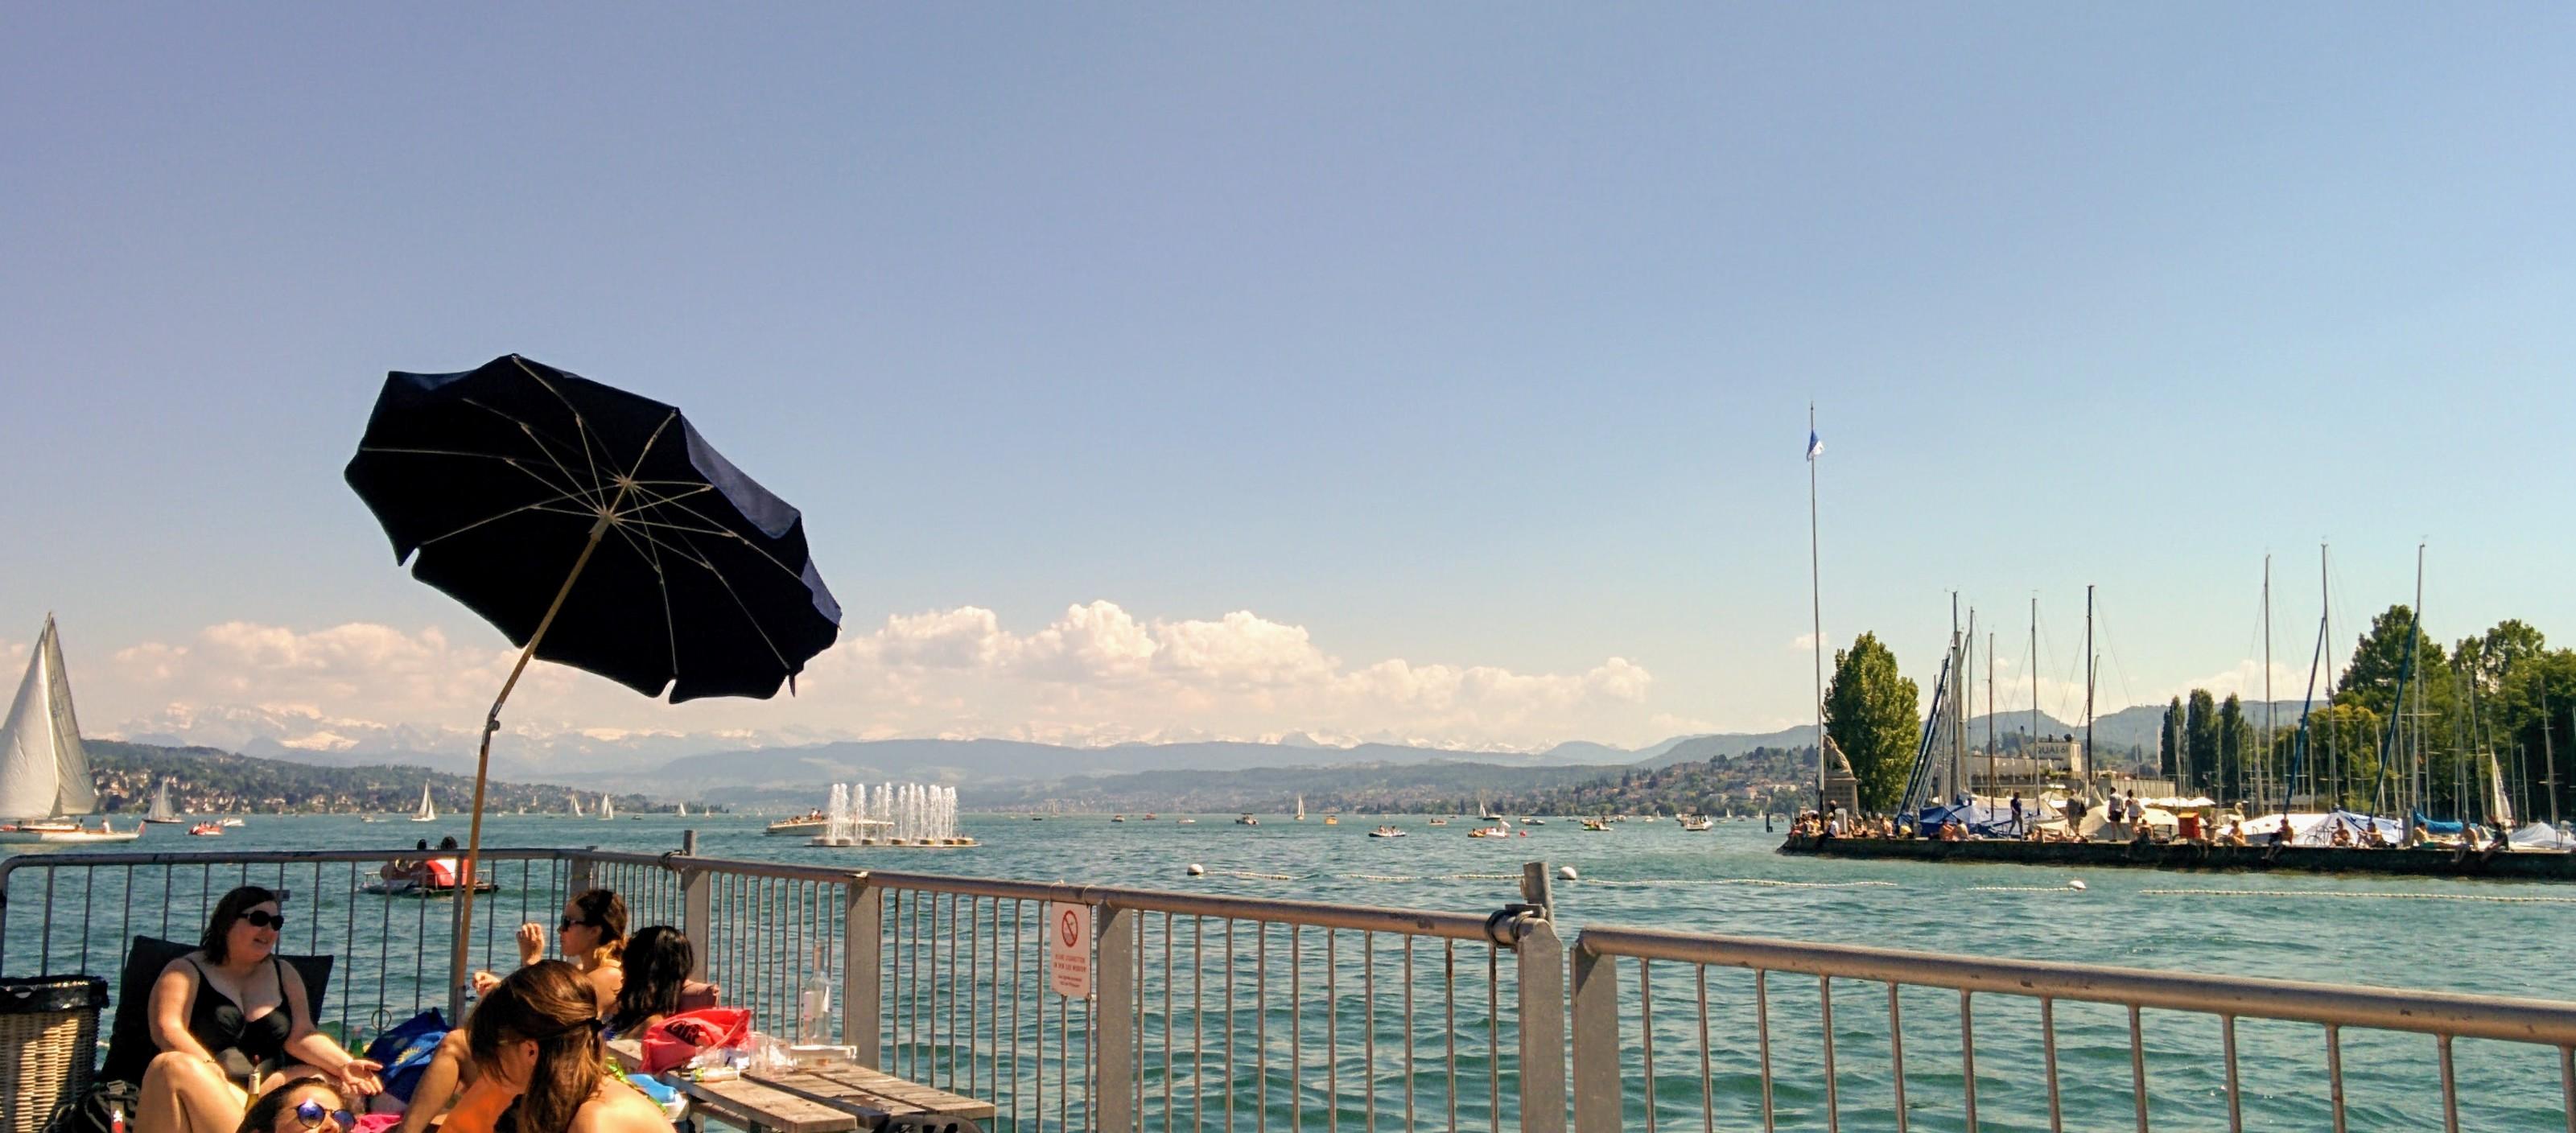 Running route in Zurich - Seebad Enge